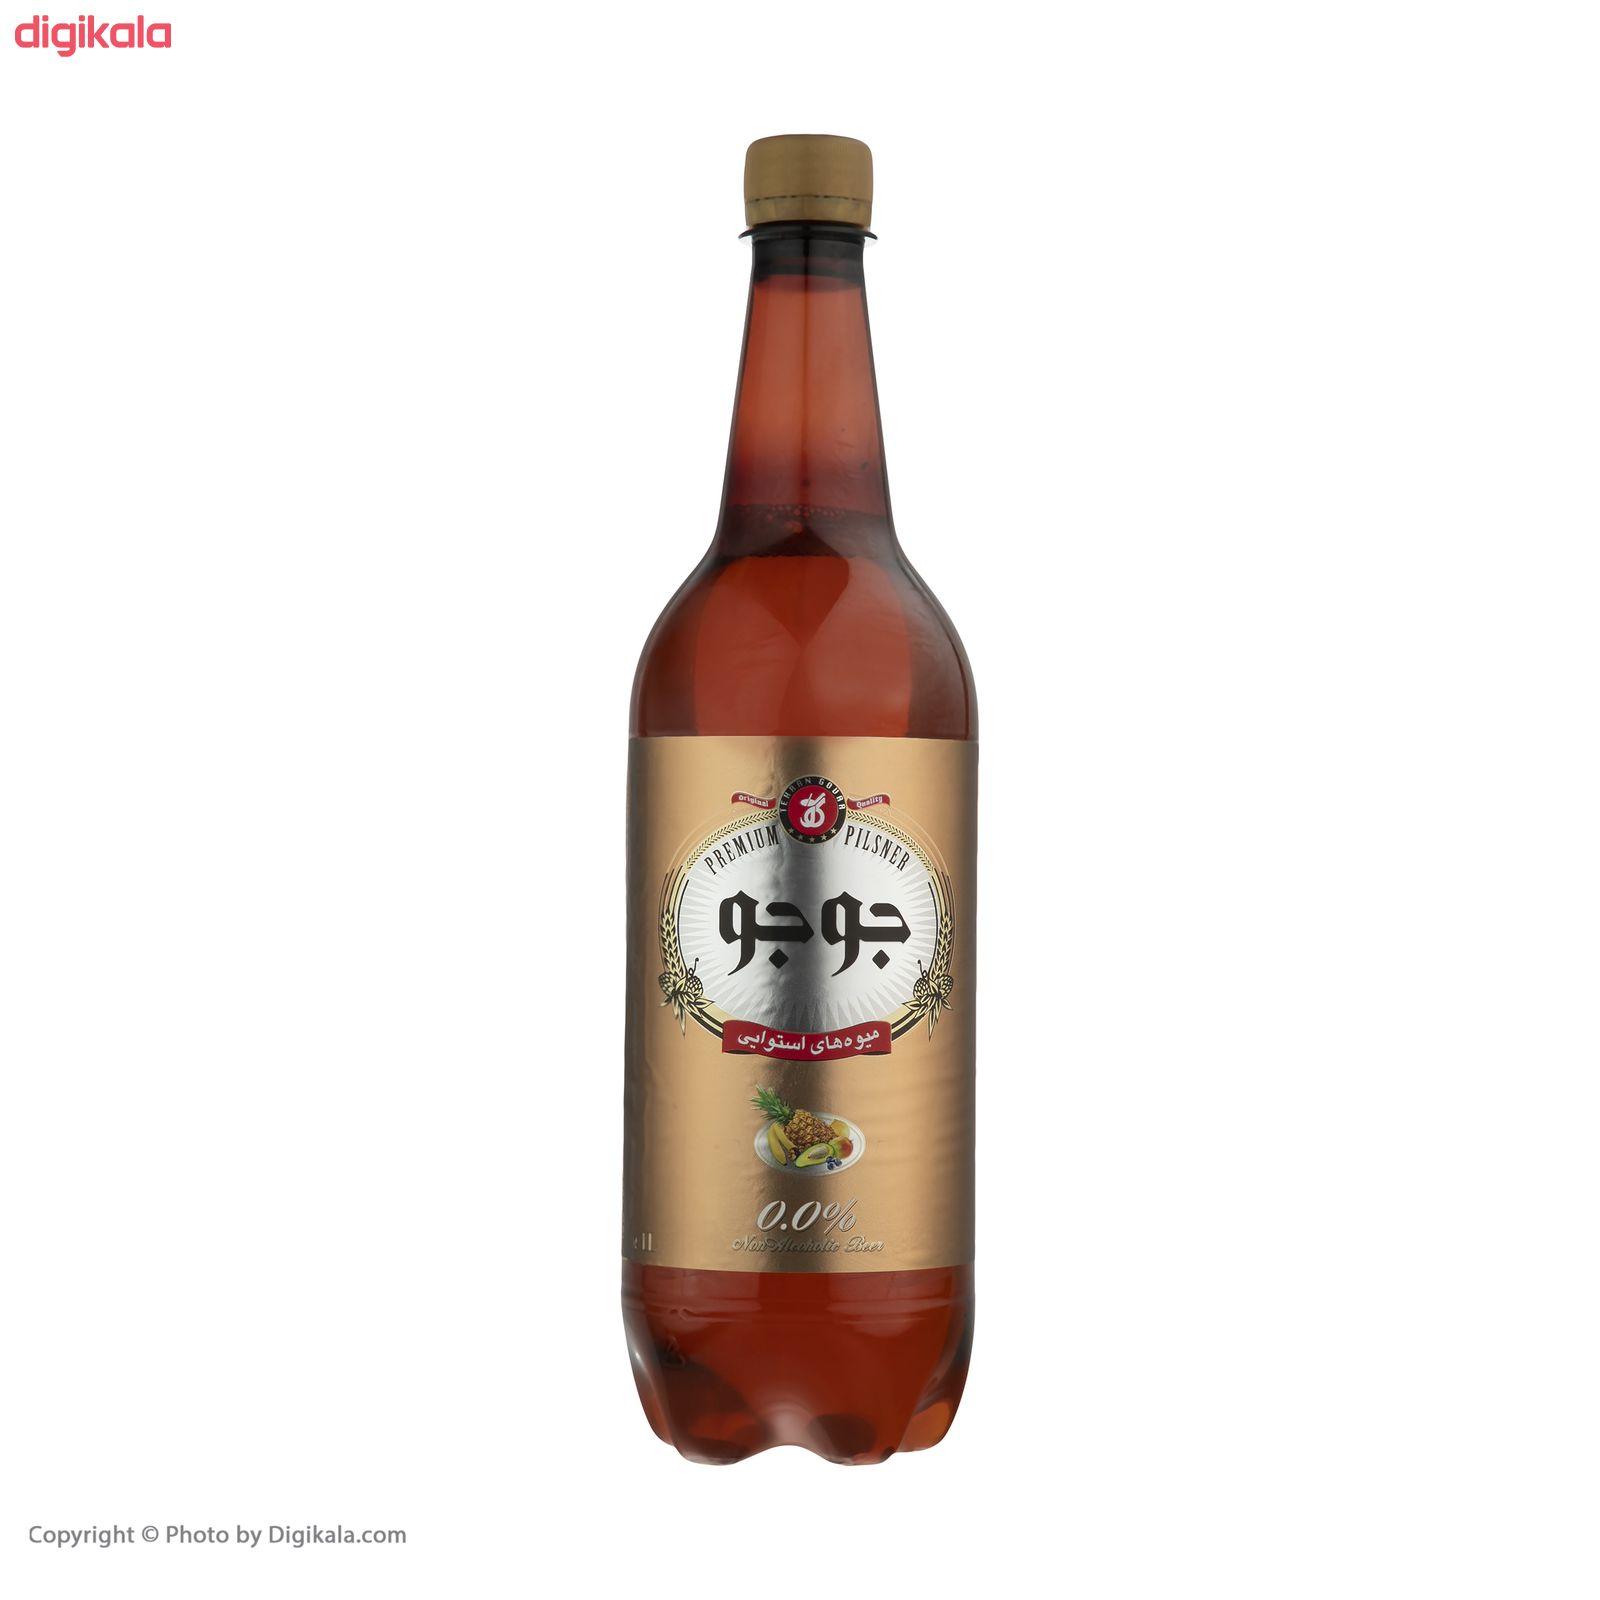 نوشیدنی مالت جو جو با طعم استوایی - 1 لیتر main 1 3